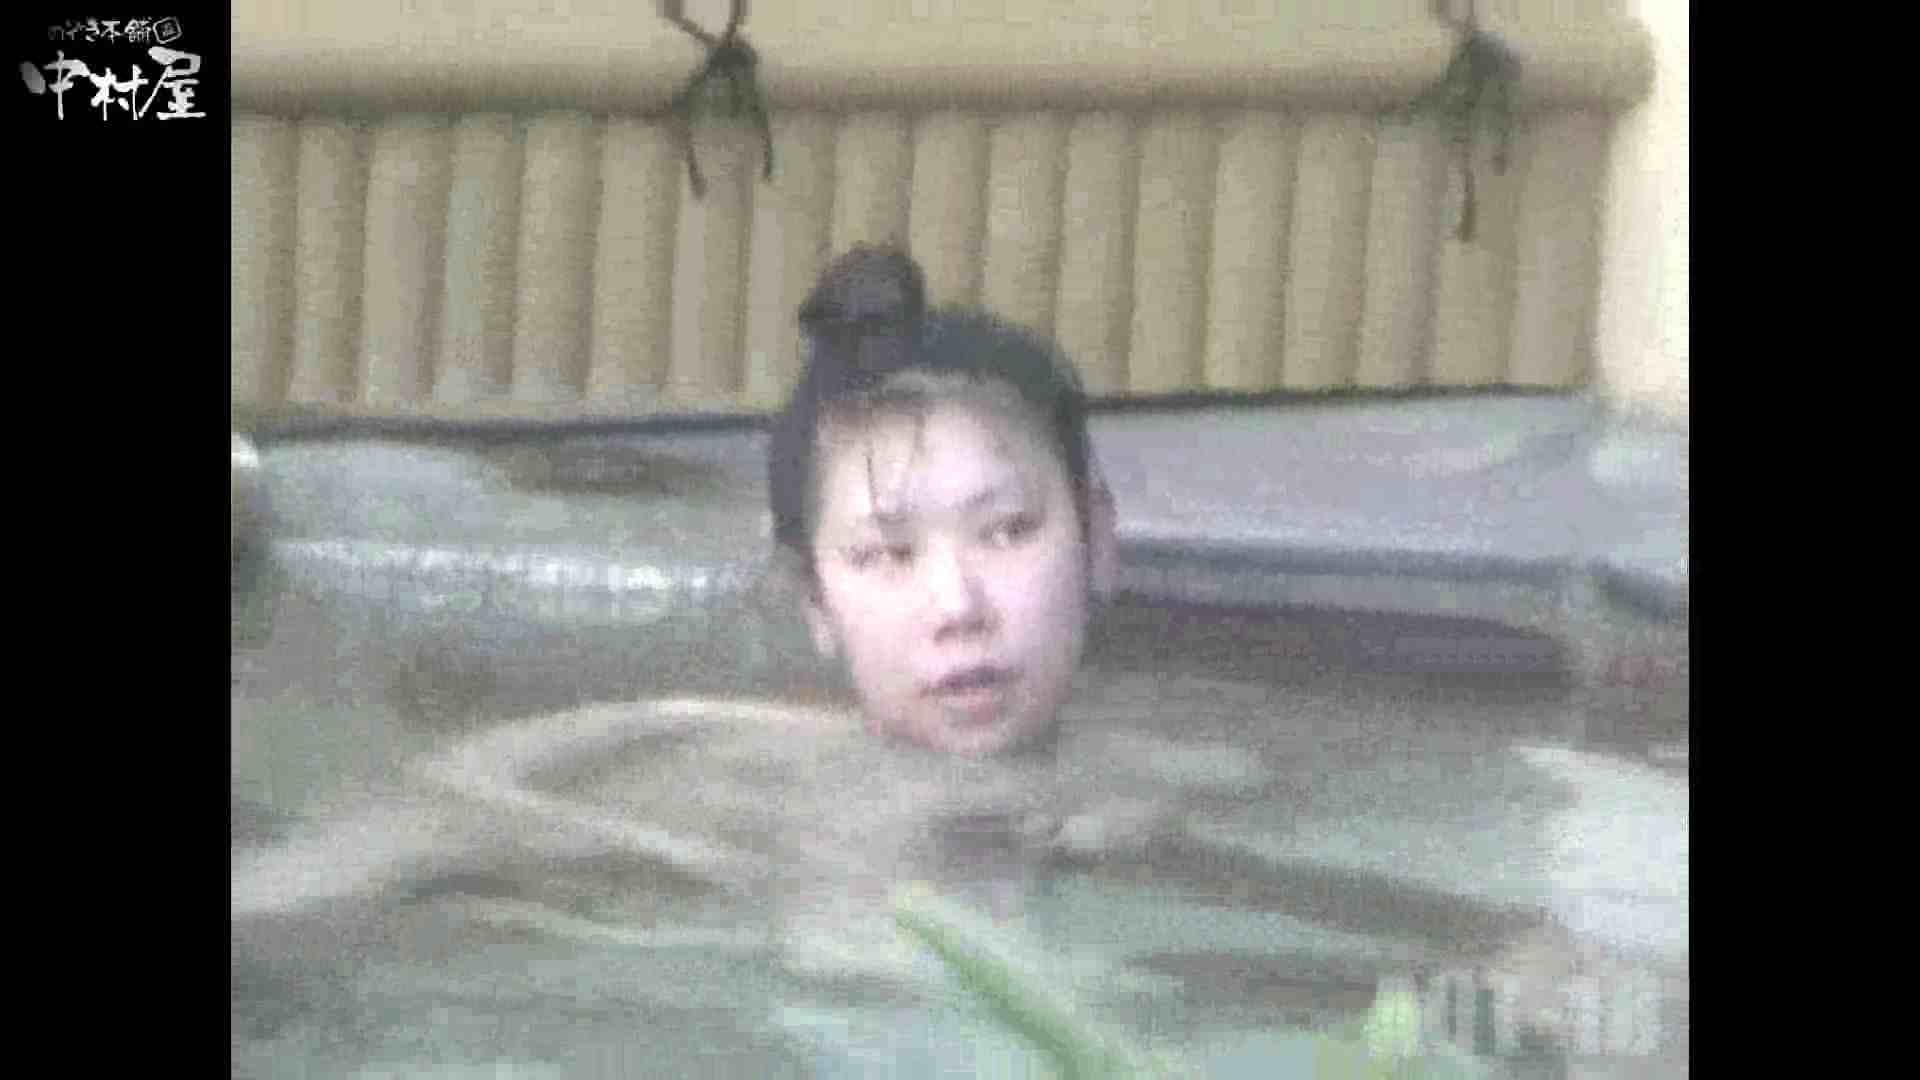 Aquaな露天風呂Vol.882潜入盗撮露天風呂十八判湯 其の二 盗撮 オマンコ動画キャプチャ 78PICs 51